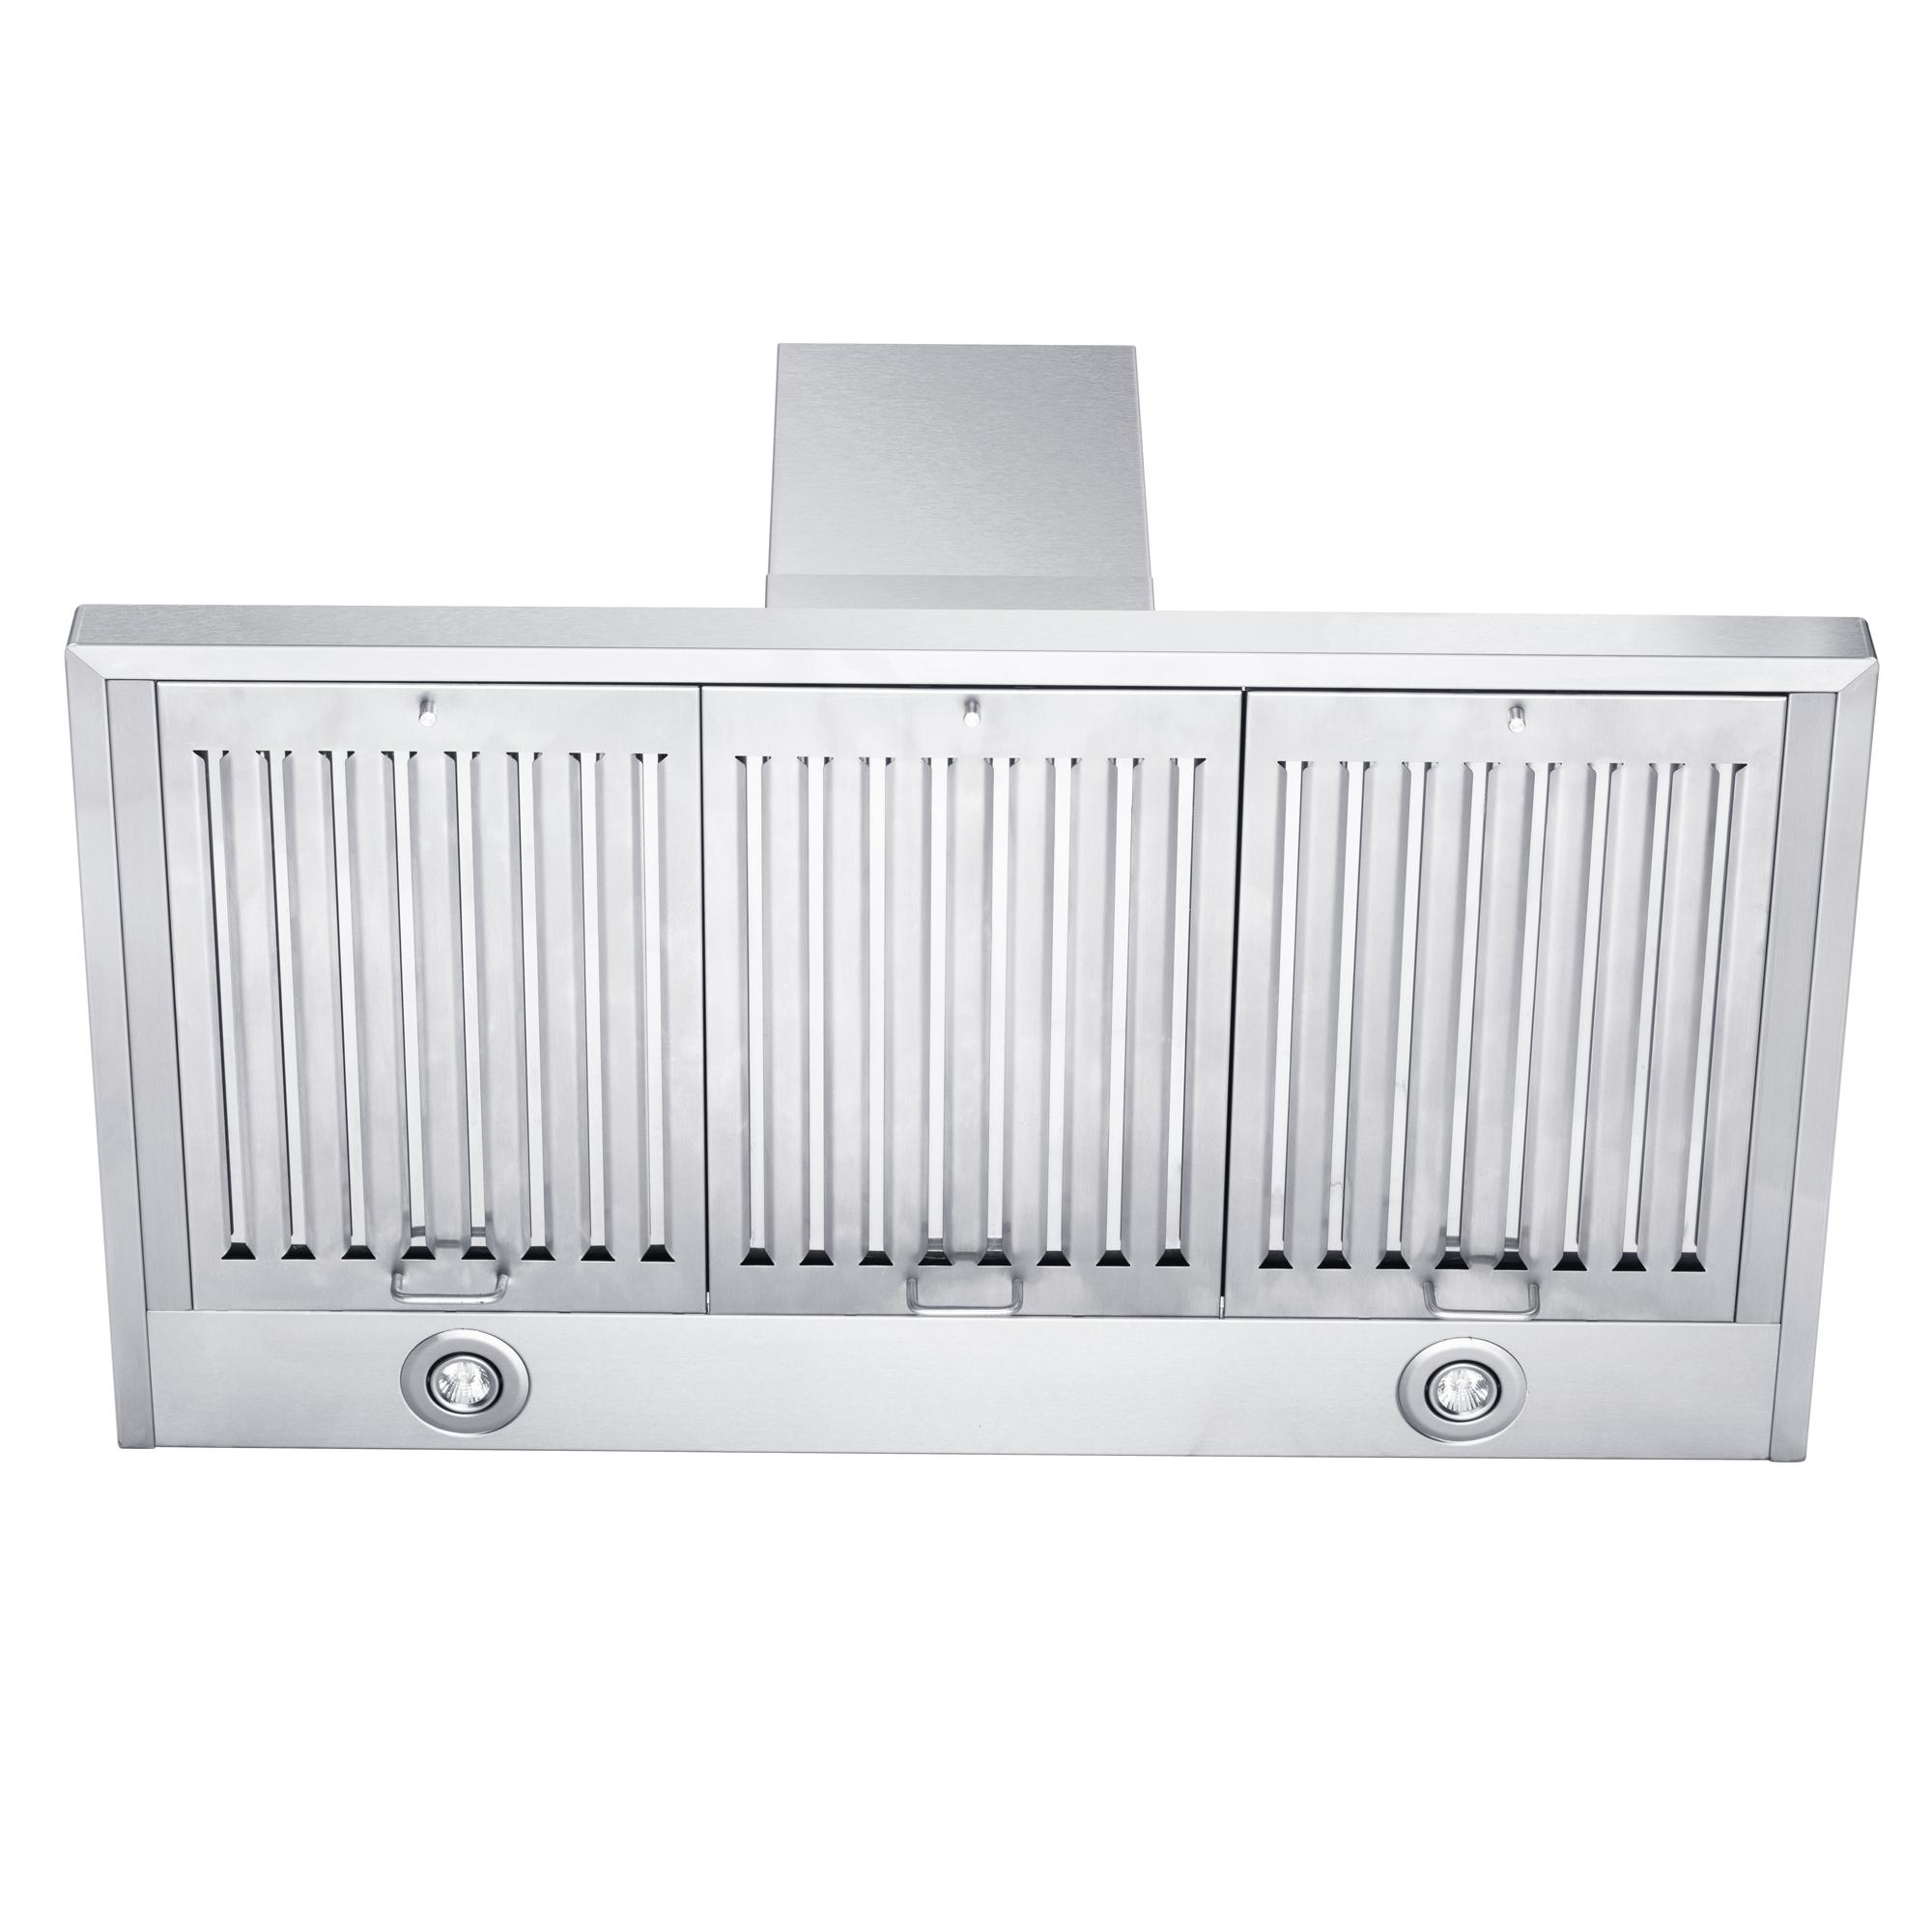 zline-stainless-steel-wall-mounted-range-hood-KL2-new-bottom.jpg